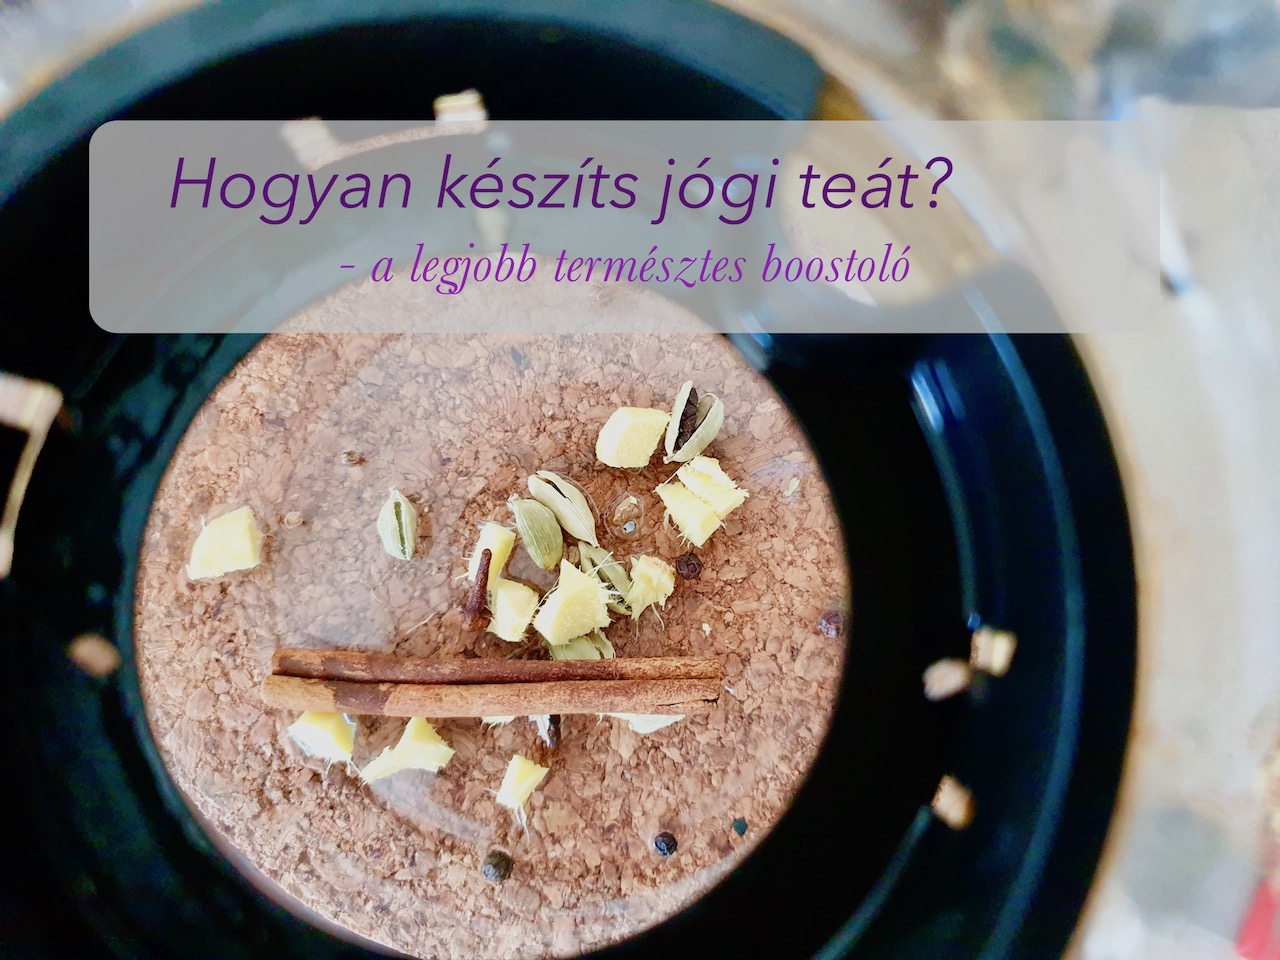 Jógi tea házi egészséges tea recept freshup ági jóga mindennap _ hogyan készítsd